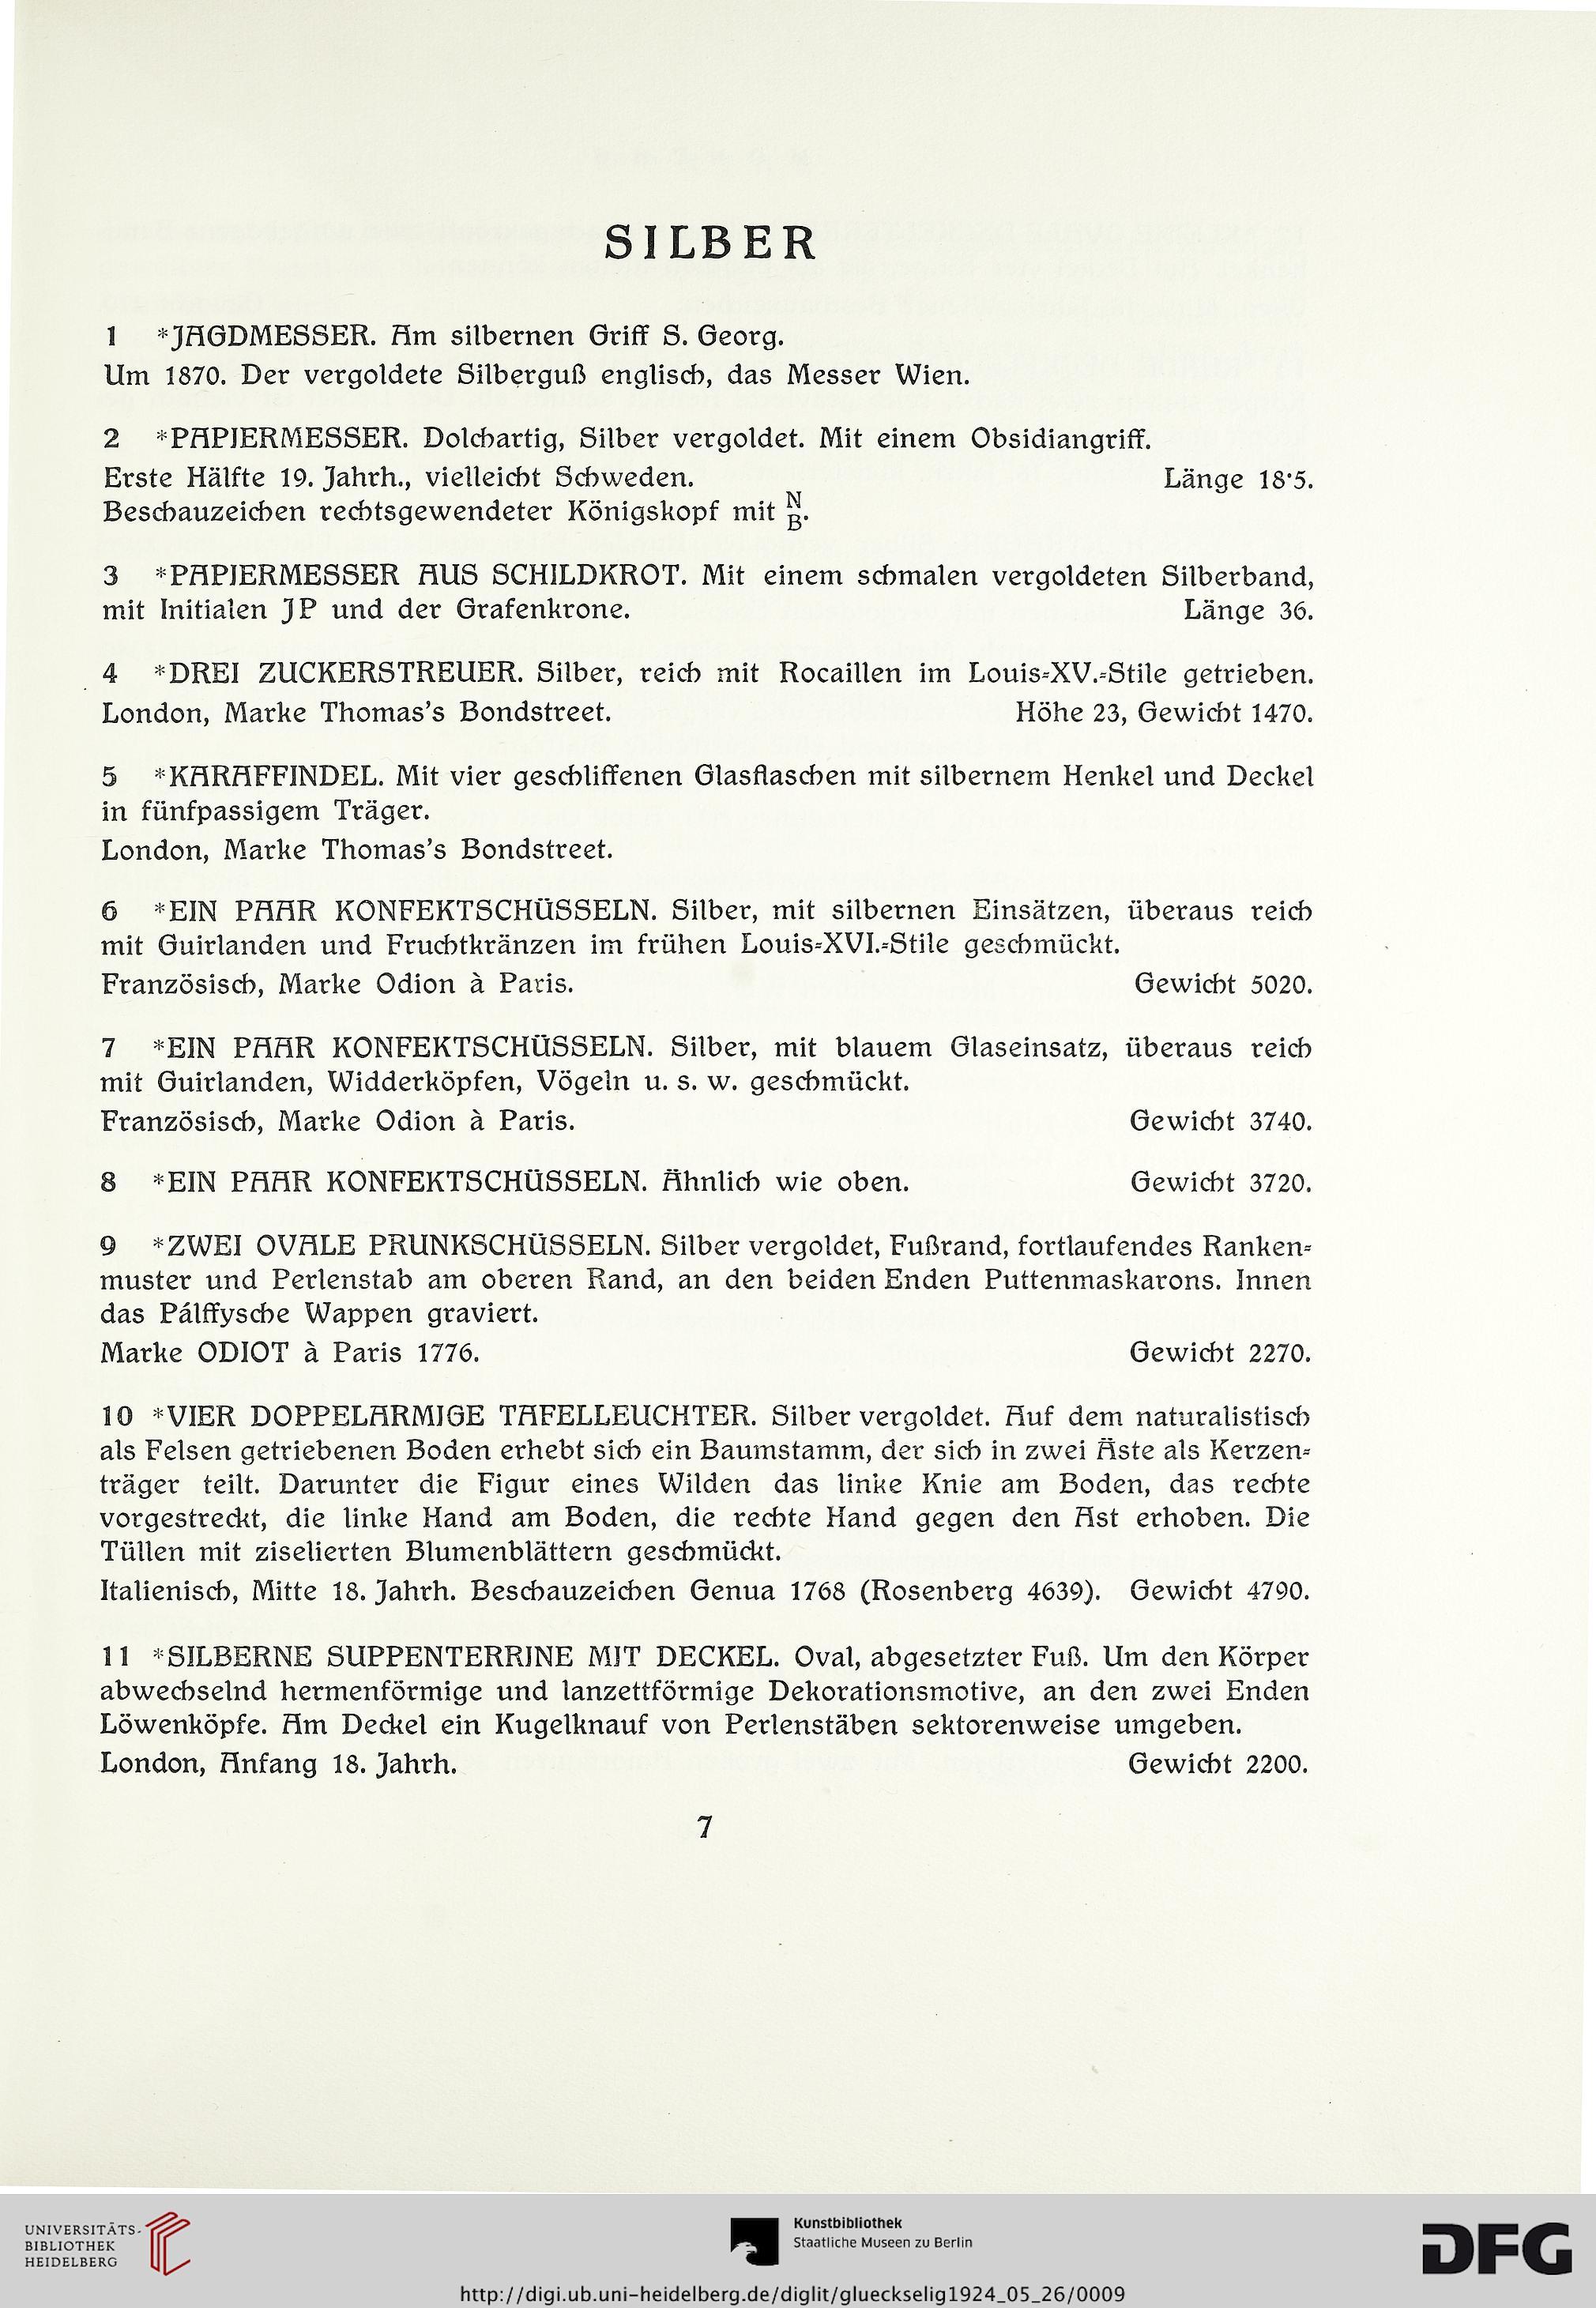 0000_07 Verwunderlich Reich Werden Mit Silber Dekorationen